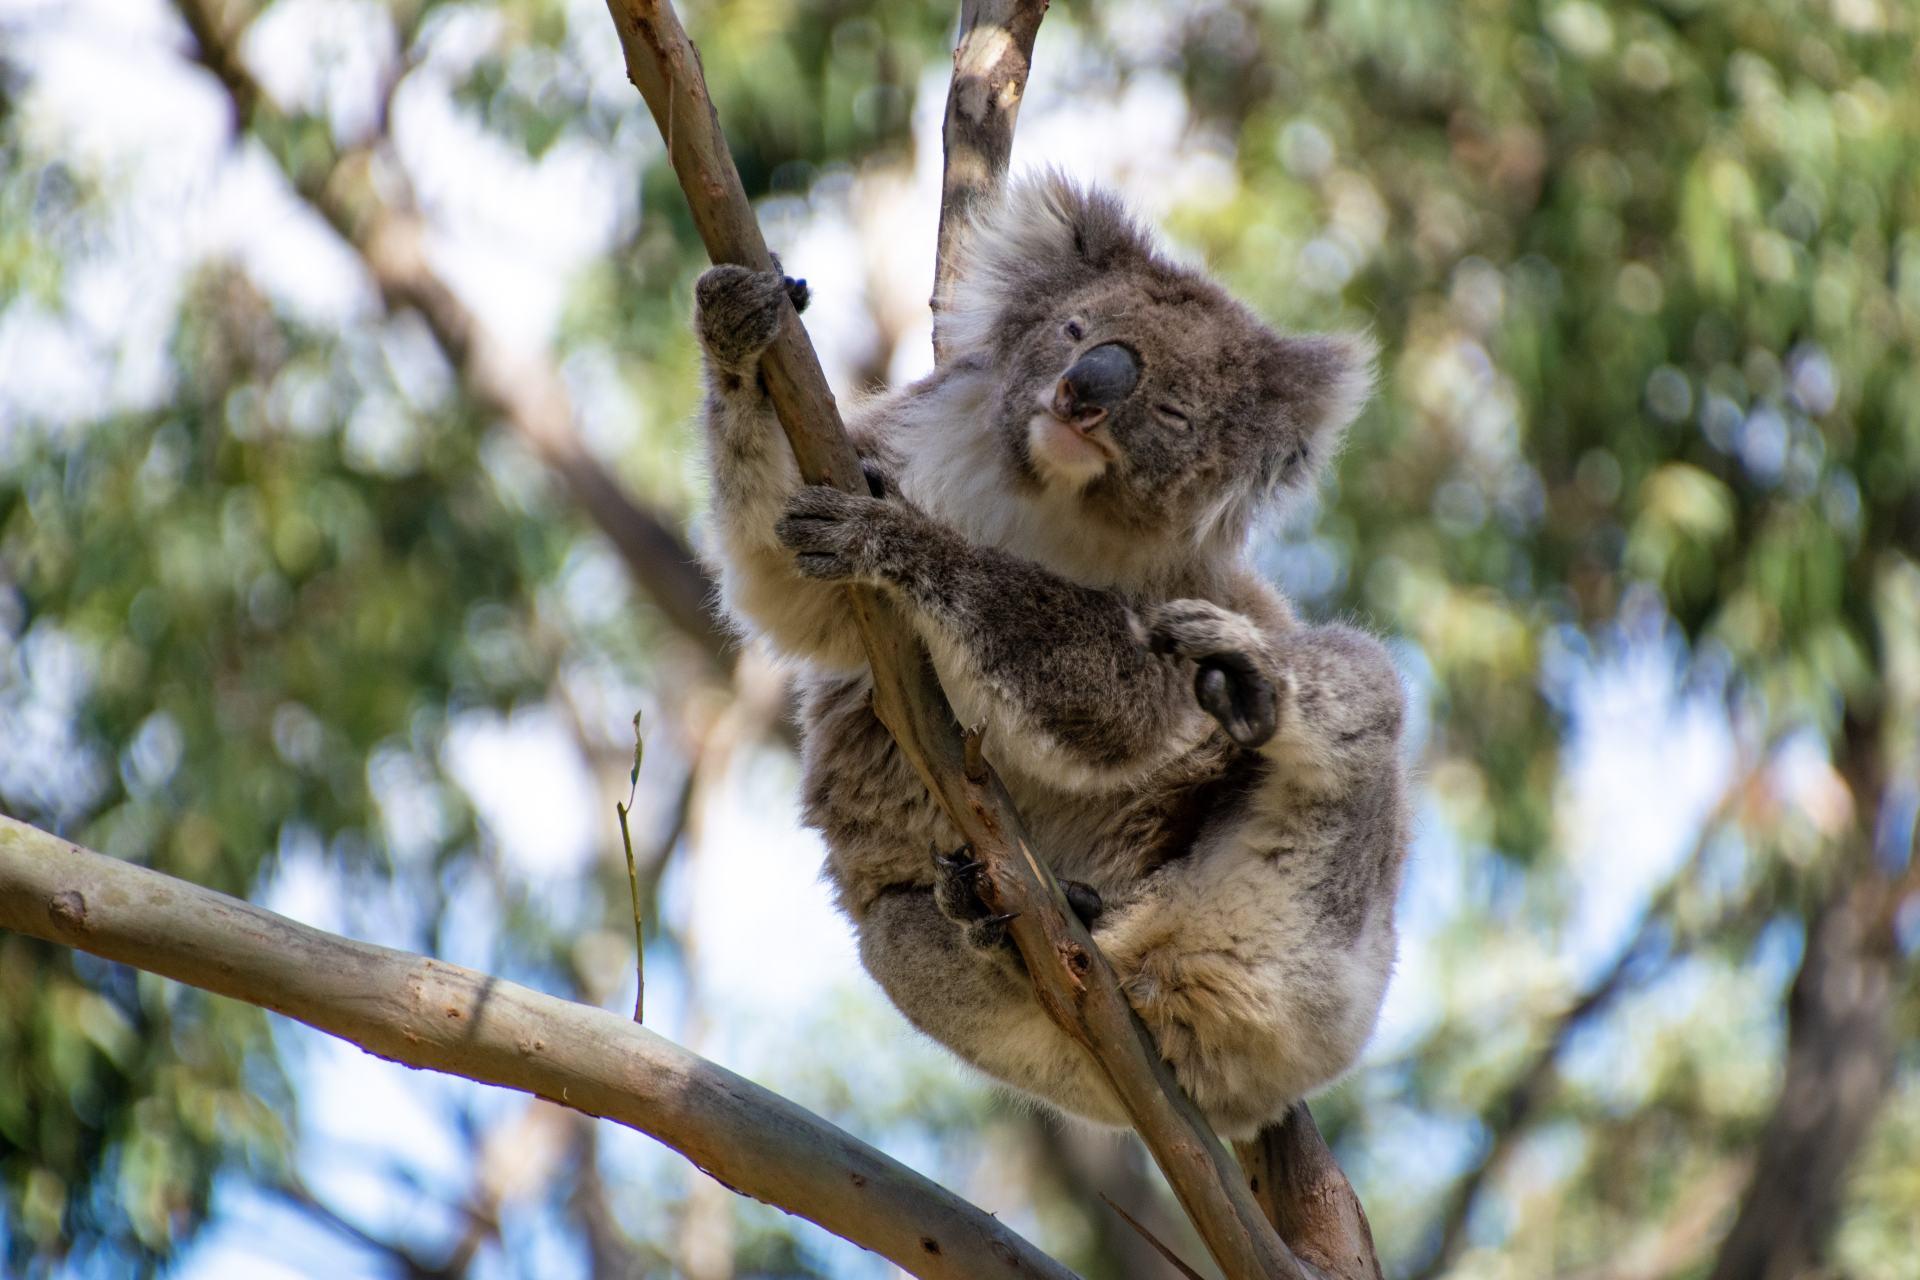 koala scratching his ear